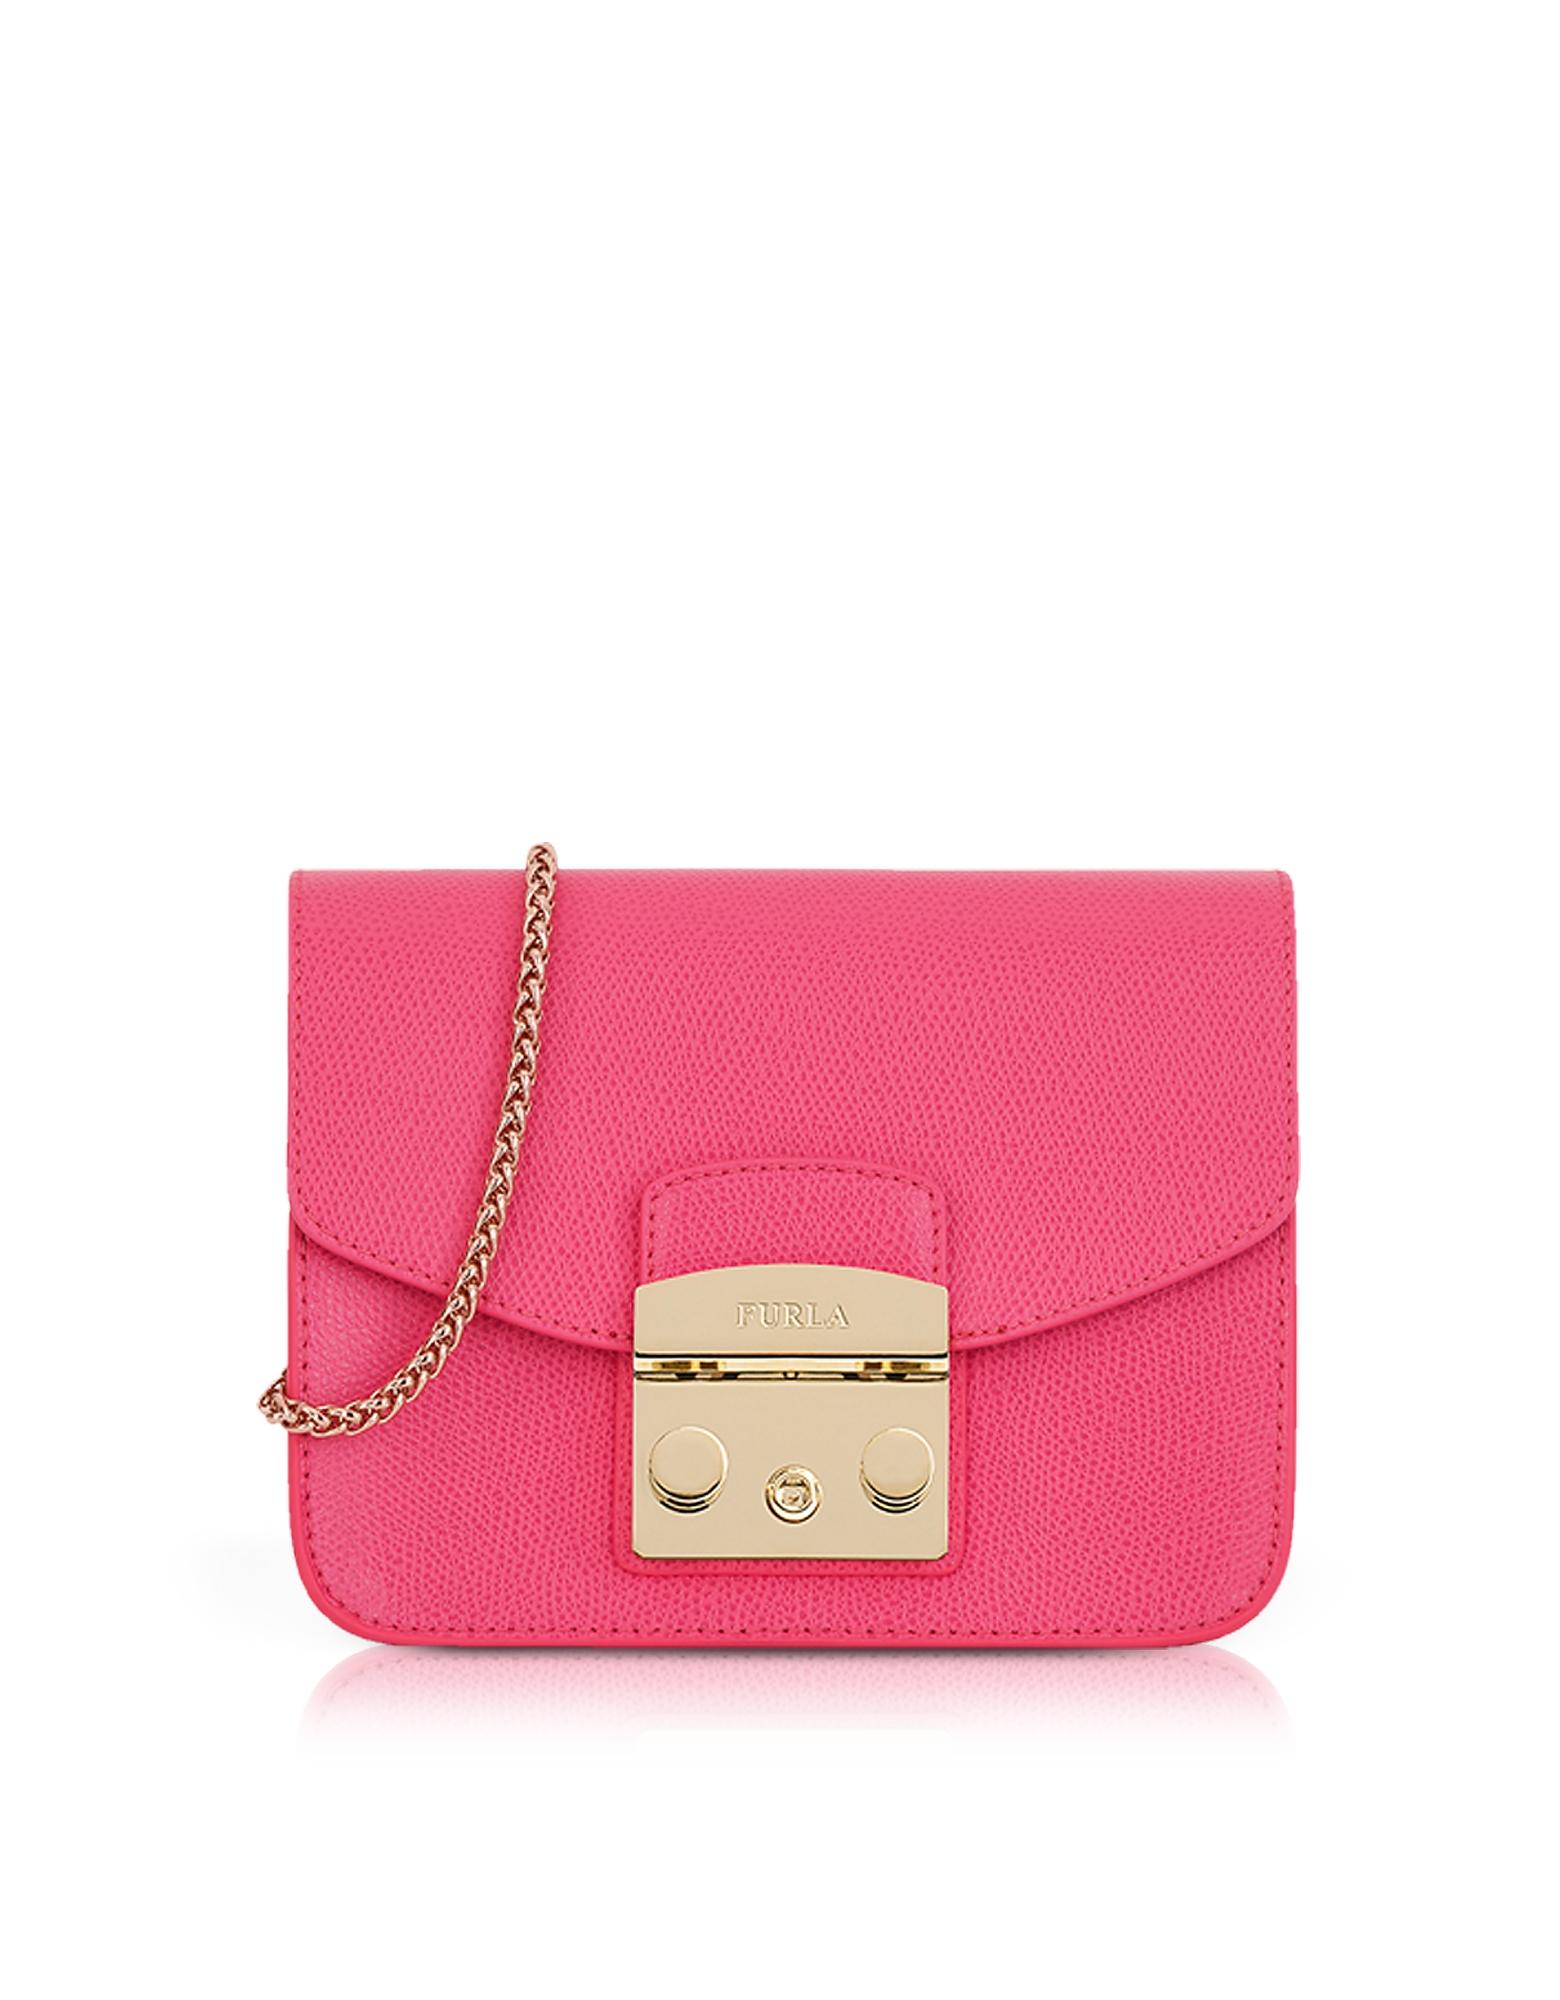 Image of Furla Designer Handbags, Ortensia Lizard Printed Leather Metropolis Mini Crossbody Bag